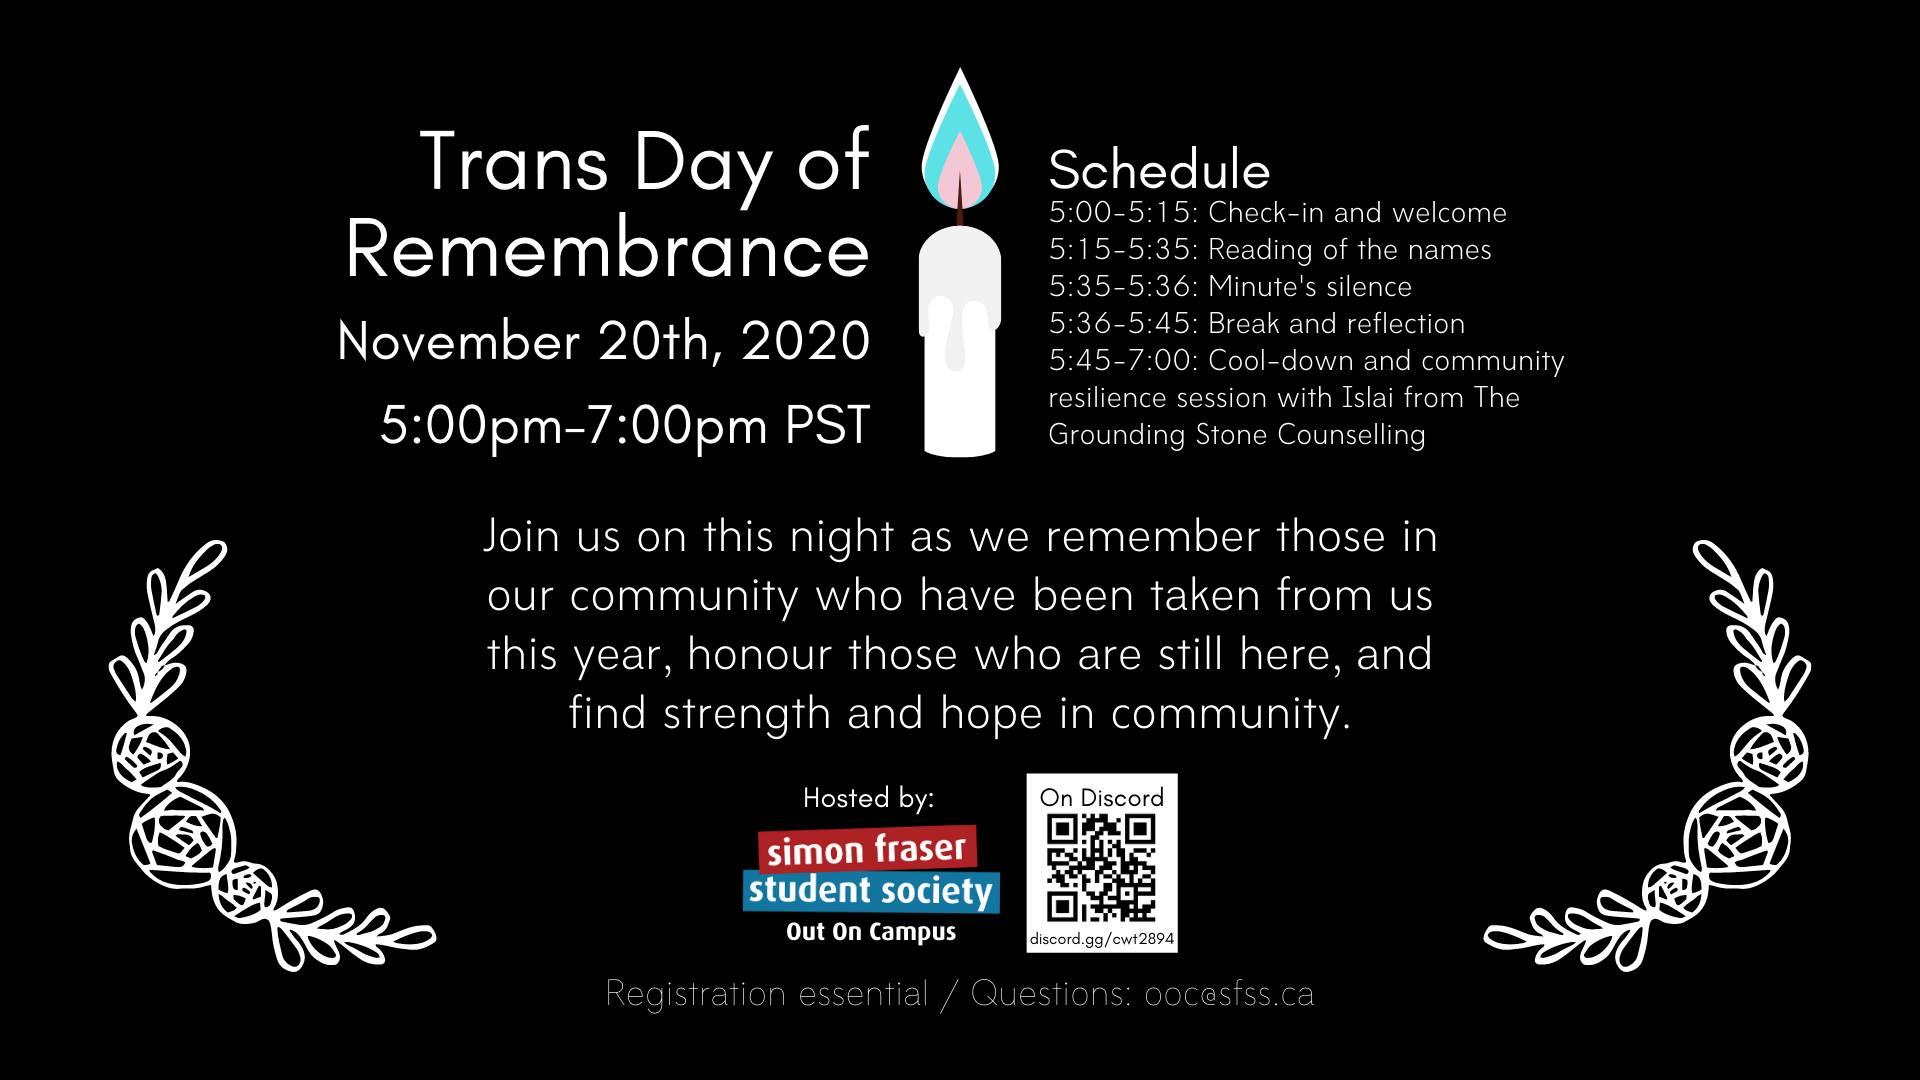 Ceremony, vigil to observe Transgender Day on Friday